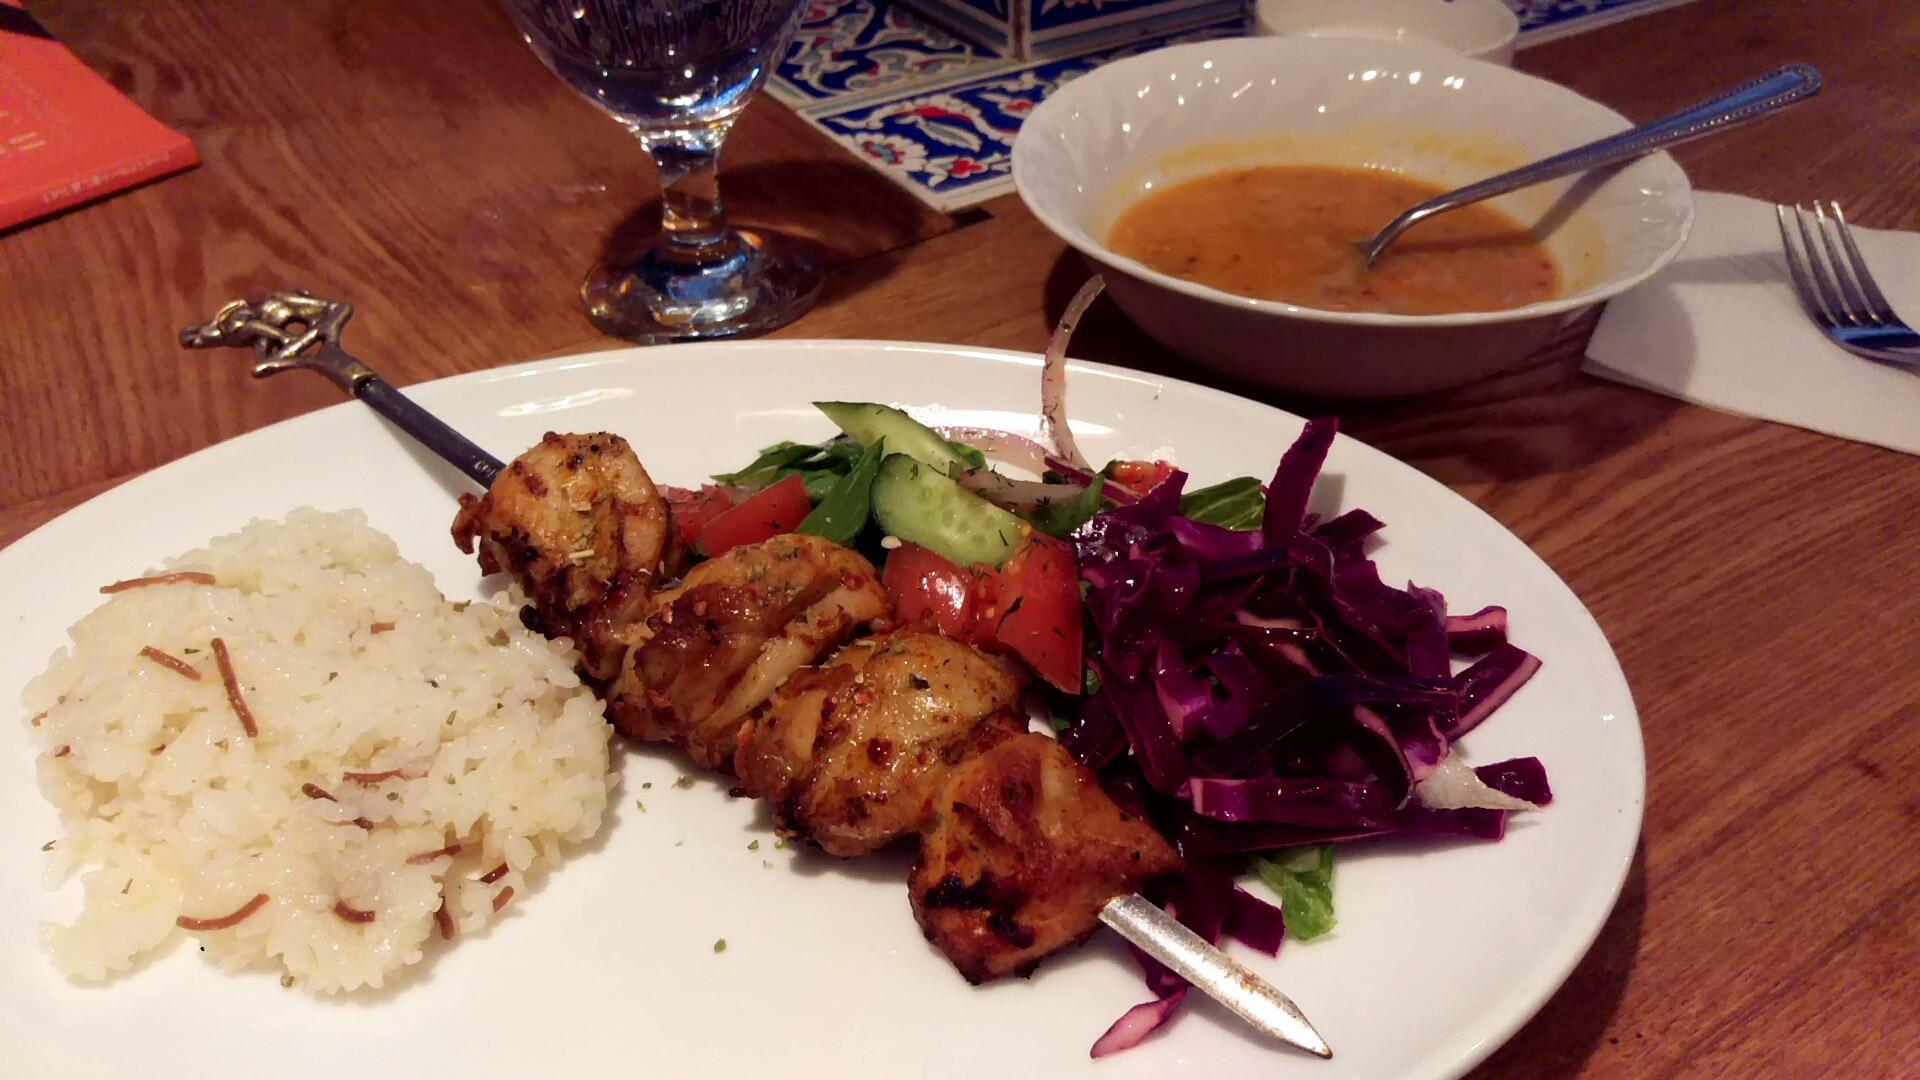 鶏のケバブのお皿がでてきた@イスタンブールさん